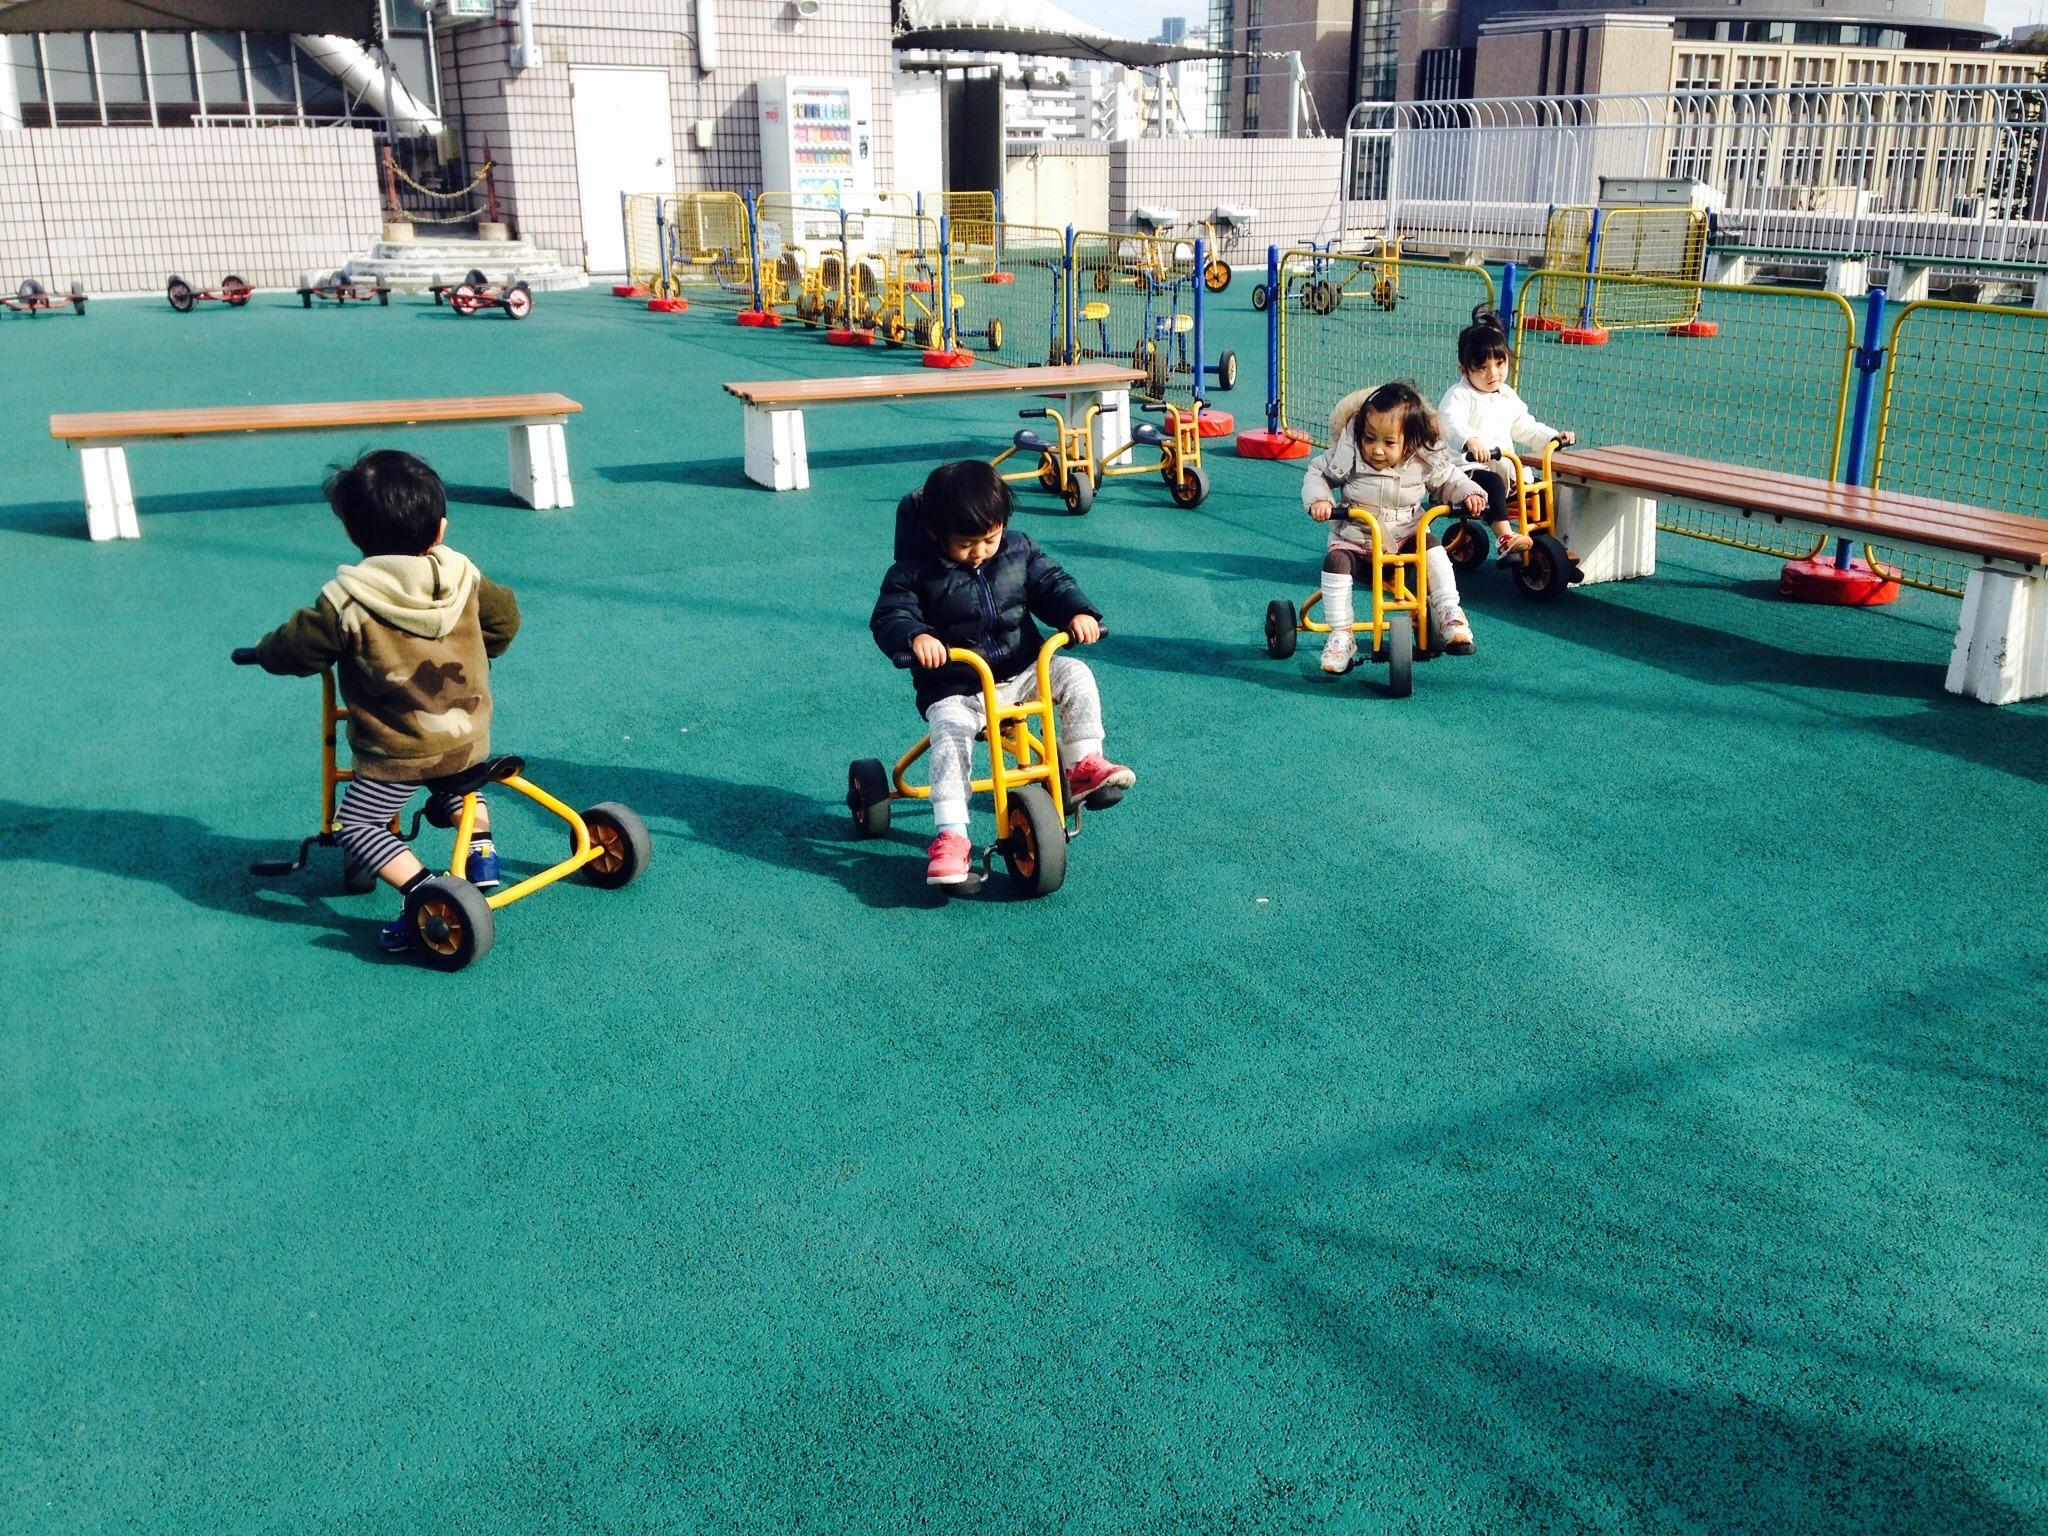 渋谷 子供の遊び場 - しばさきけのふたごたち - サンキュ!主婦ブログ